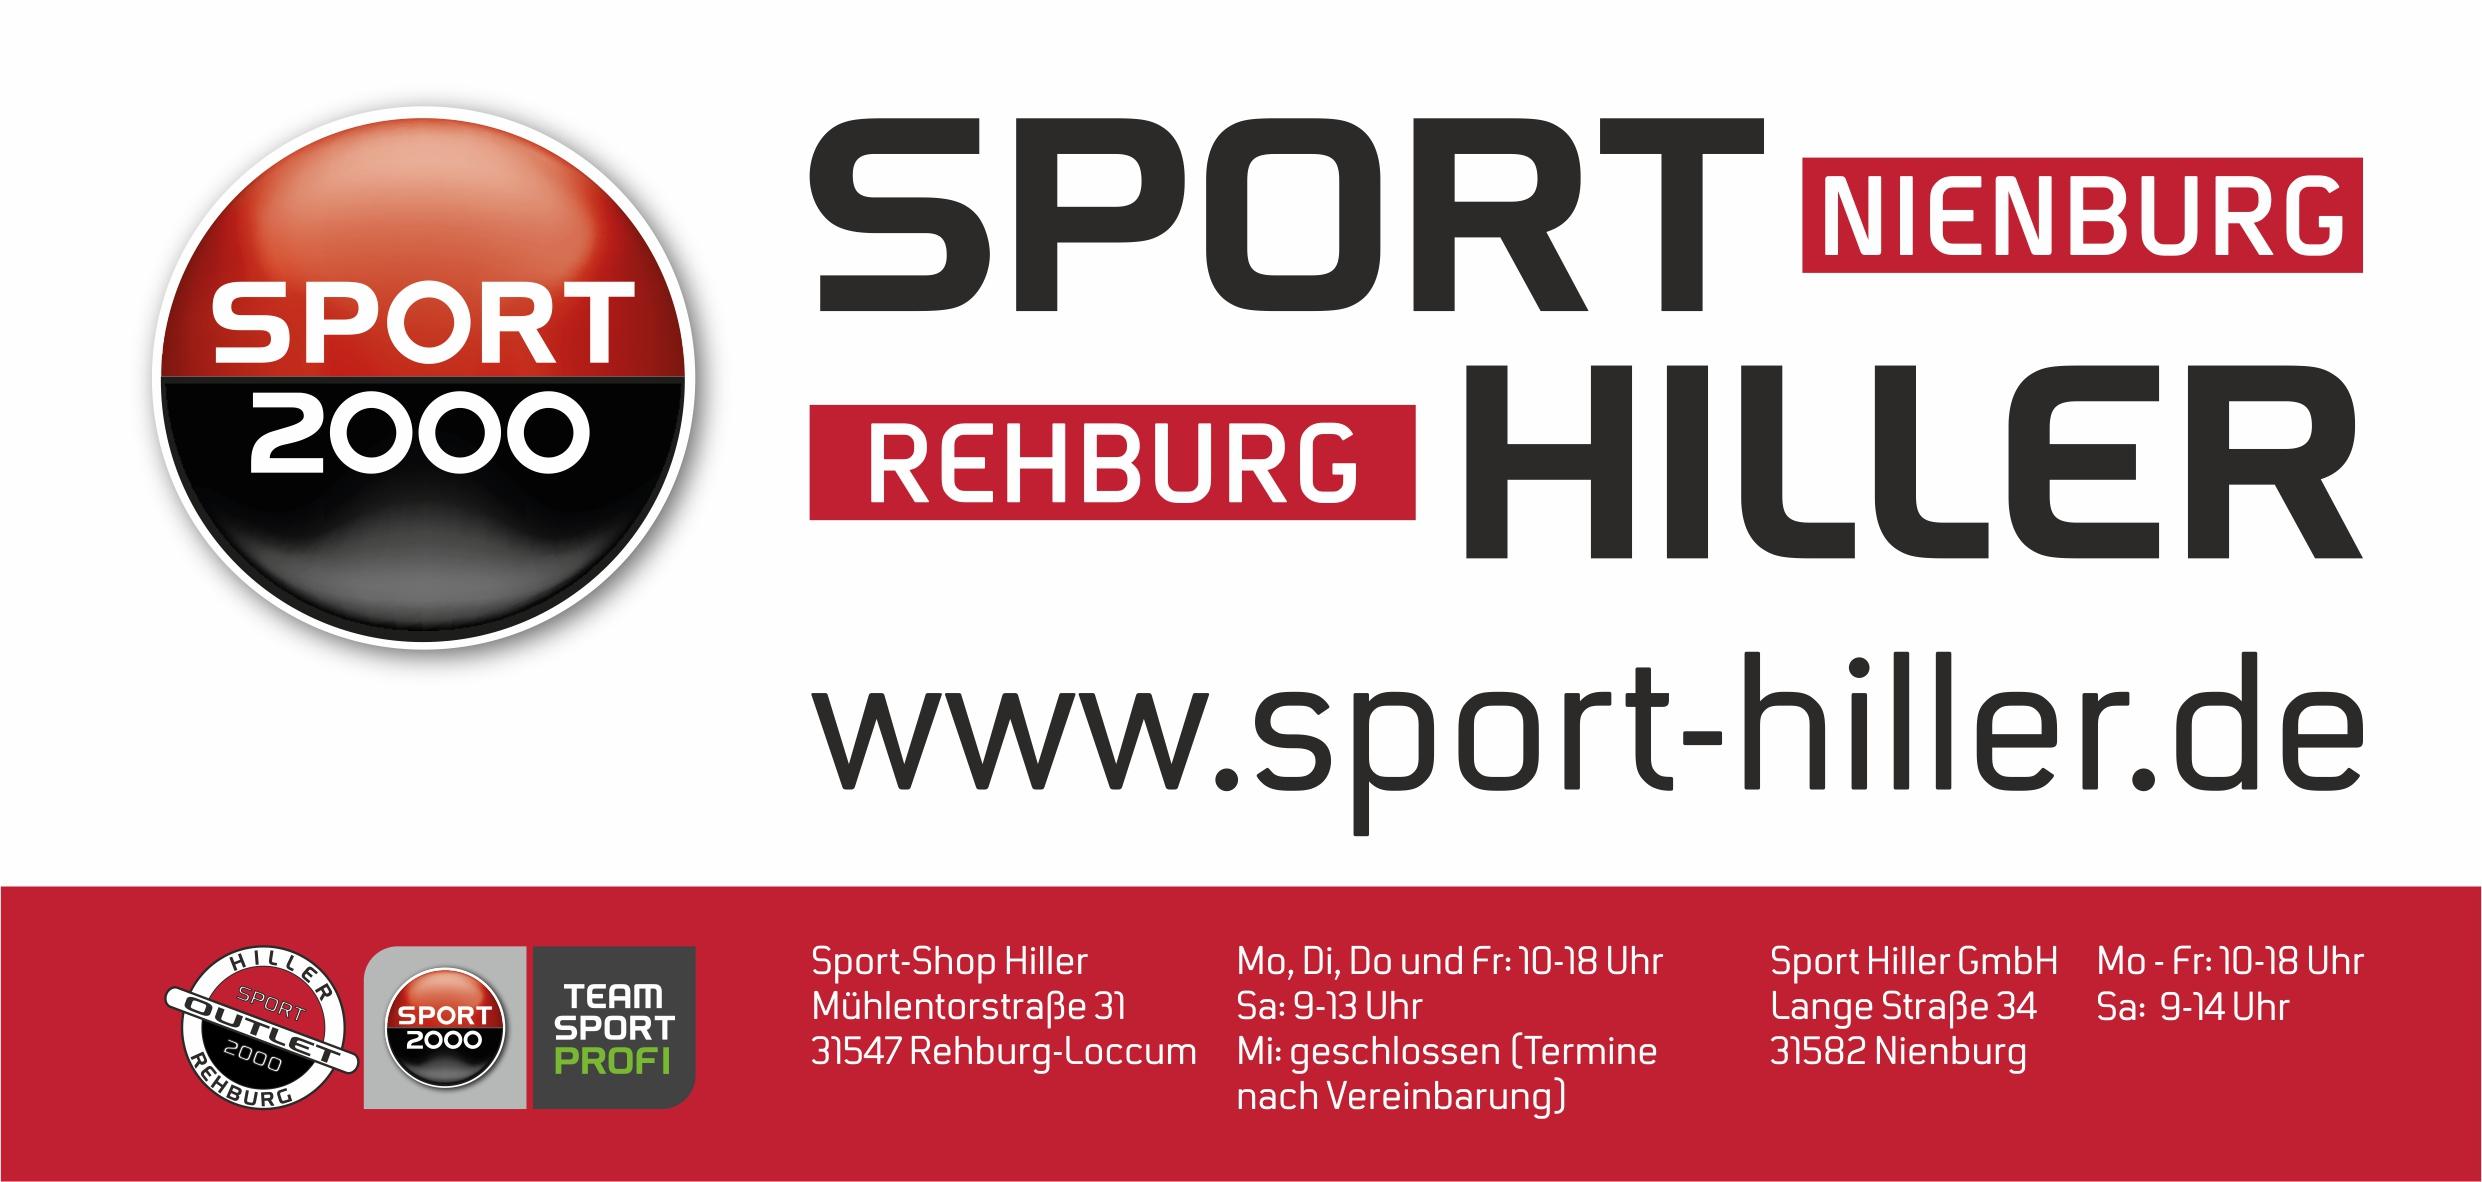 Sport Hiller GmbH